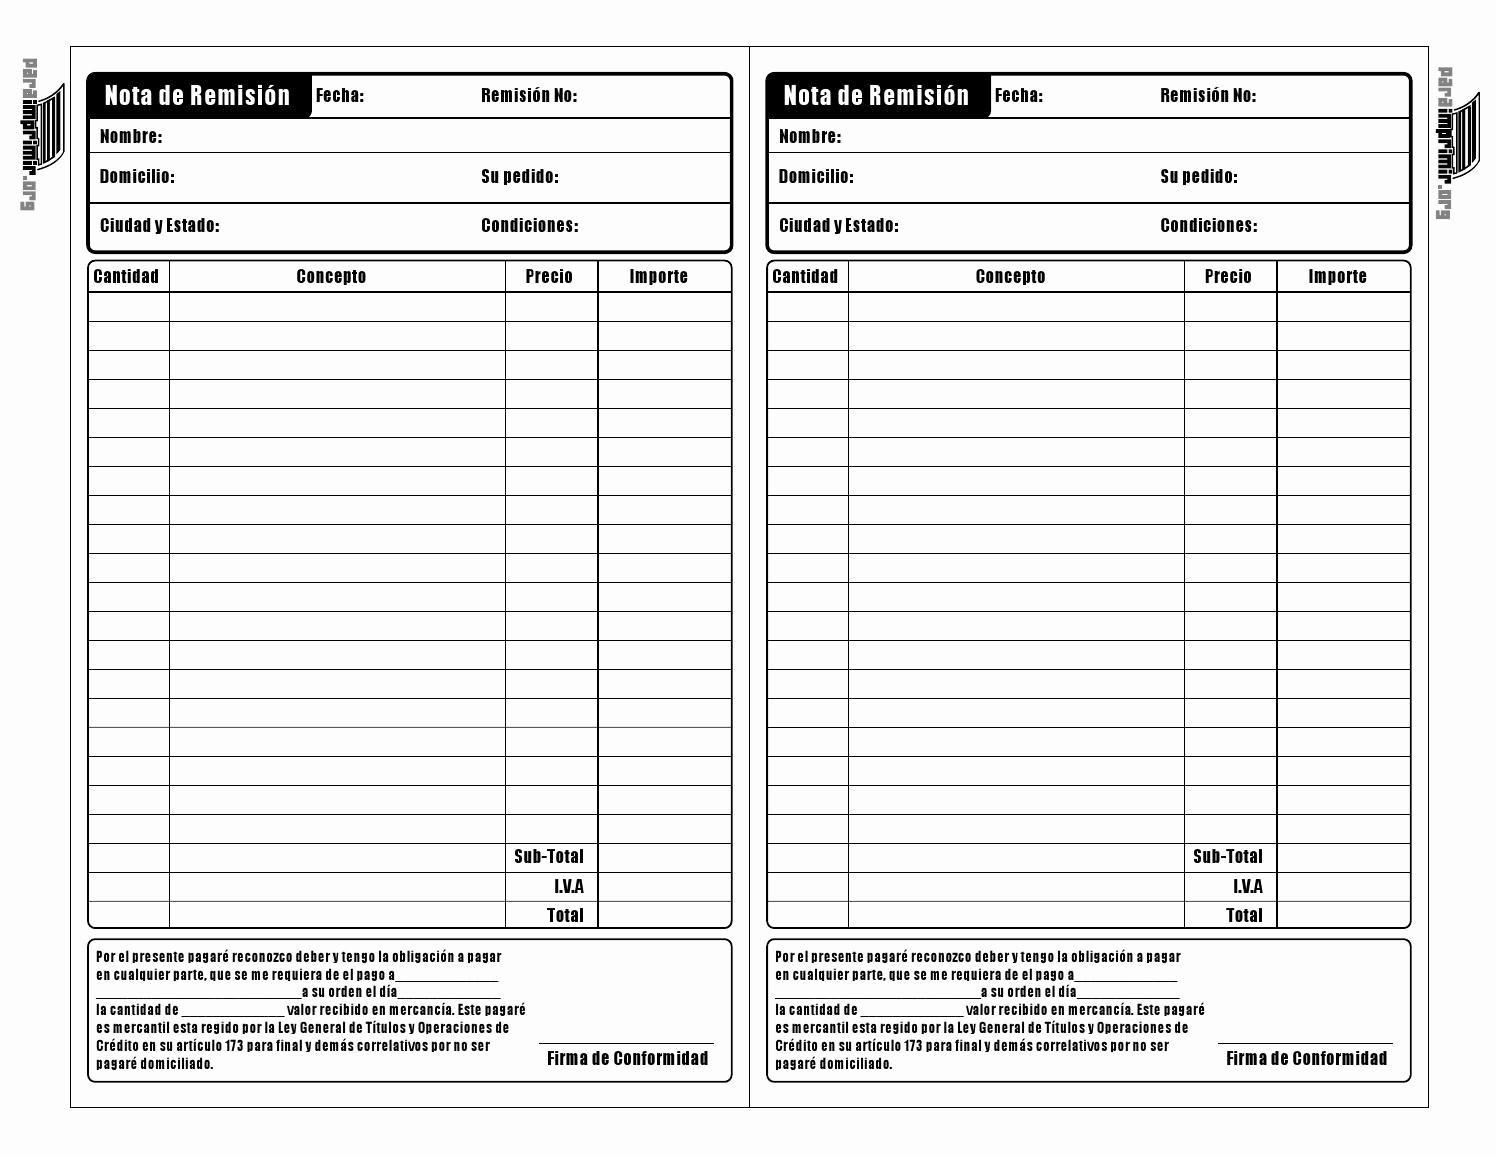 Formatos De Remision En Excel Luxury Nota De Remision Para Imprimir 1 by Carolina Hernandez